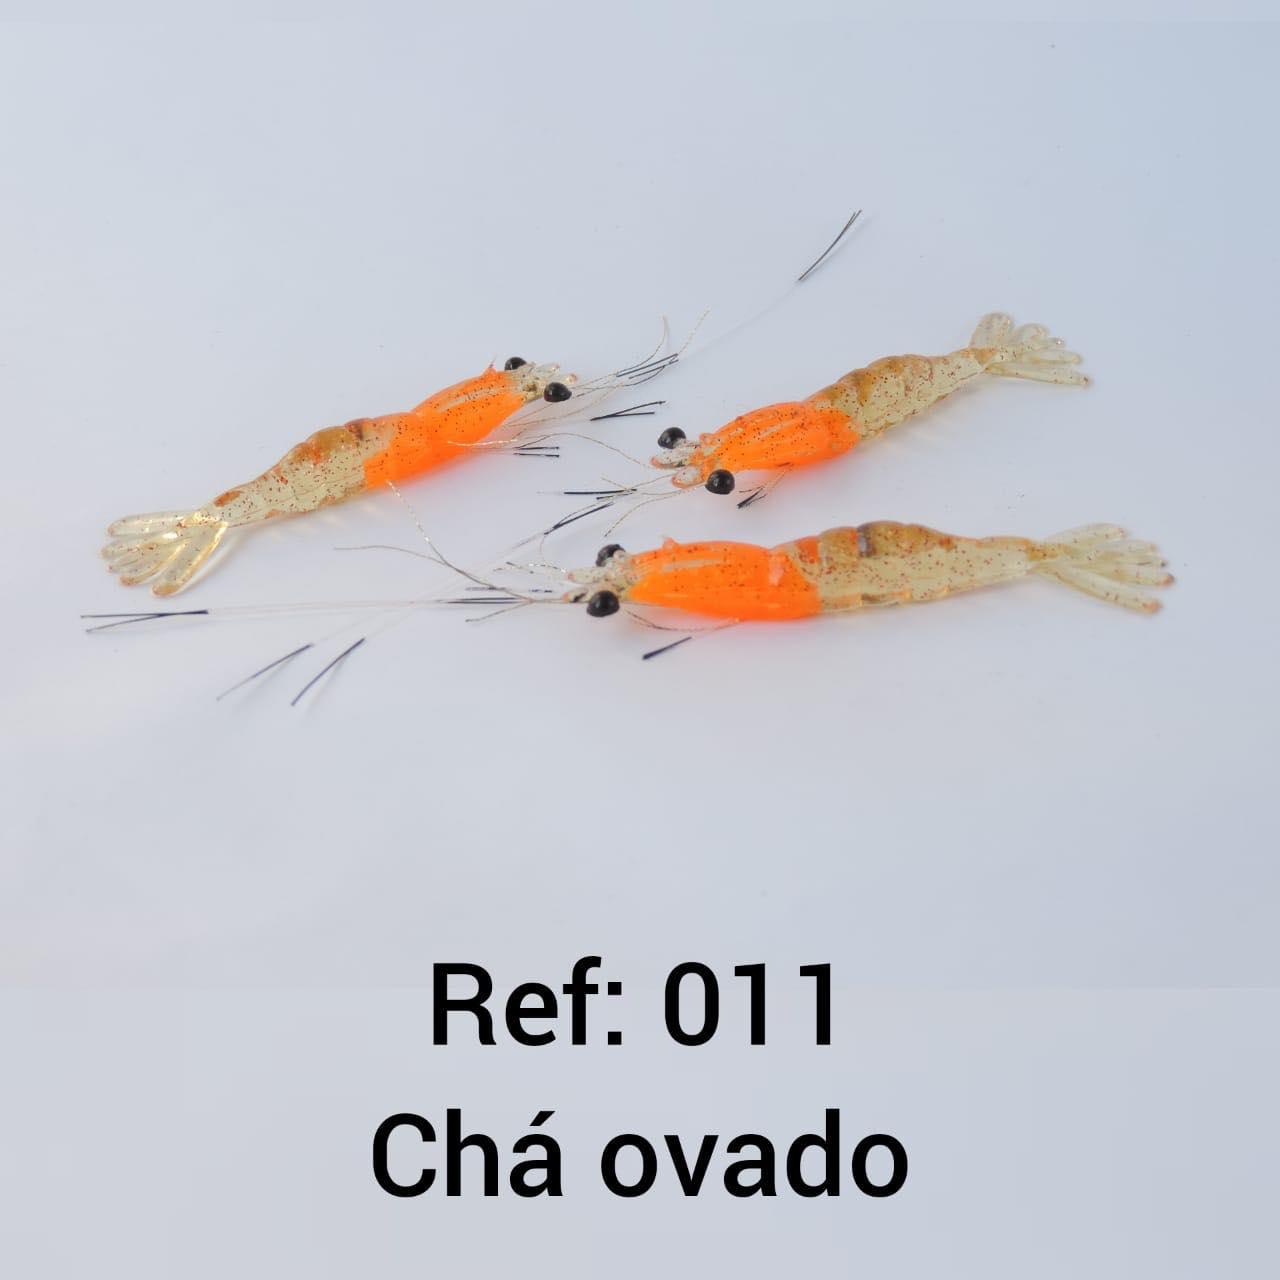 CAMARÃO ARTIFICIAL FJD REALISTA COM BIGODE - TAMANHO 7,5 CM.